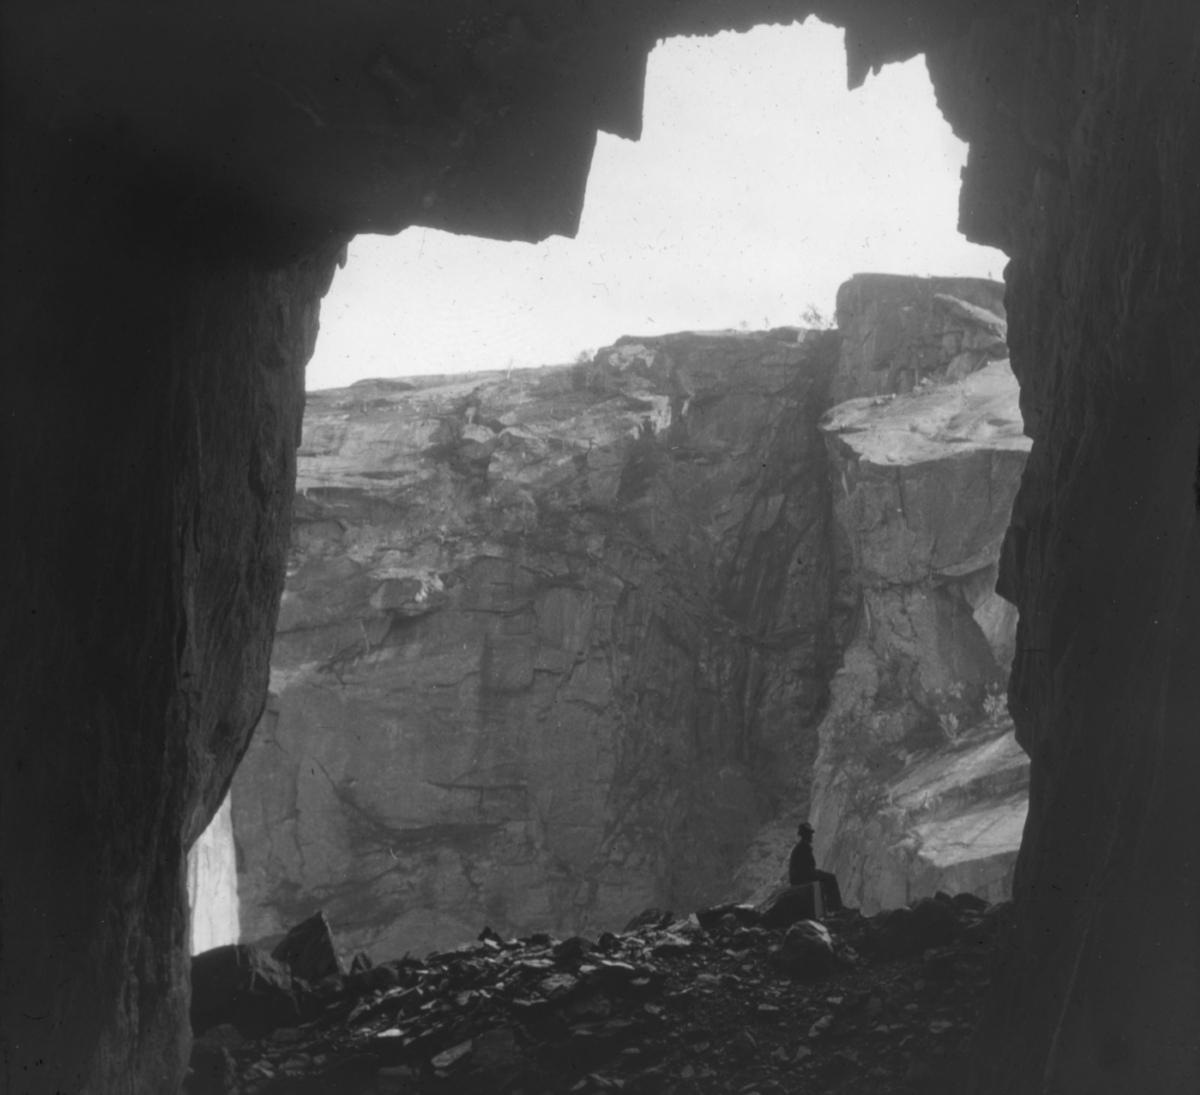 """""""N. 576b) Hule ved Hellemobotn, Tysfjord. R.10."""" står det på glassplaten. Bildet viser en hule i Hellemobotn, sett innenfra og ut. Hulen kalles """"Finngirkko"""" - noen tolker navnet som om det opprinnelig var Finngierkke - som betyr Finnsteinen. Like ovenfor denne hula ligger Bassoalgge som betyr Helligaksla. Vi er inne i et område med hellige navn. Vannet ved Finngirkko heter Sájvvajávrre som i følge sagnet har dobbel bunn.   En mann med mørke klær og hatt sitter utenfor hulen og viser dimensjonene i bildet. Hellmobotn (lulesamisk: Vuodnabahta)[1] ligger i Tysfjord kommune. Med 6,3 km i luftlinje mellom havet og grensen til Sverige er det her Norge er på sitt smaleste sør for Finnmark. Hellmofjorden er omgitt av høye fjell på alle kanter. Hellmofjorden er en fortsettelse av Tysfjorden, som igjen er en sidefjord til Vestfjorden. En del av Atlanterhavet når med det her helt inn til den skandinaviske høyfjellskjeden Kjølen. Lulesamisk (Julevsámegiella) er et samisk språk som snakkes av totalt 2 000 lulesamer, 1 500 i Sverige og 500 i Norge.[1] Det snakkes langs Luleälven i Sverige, spesielt rundt Jokkmokk, og i Nordland i Norge, særlig i Tysfjord"""